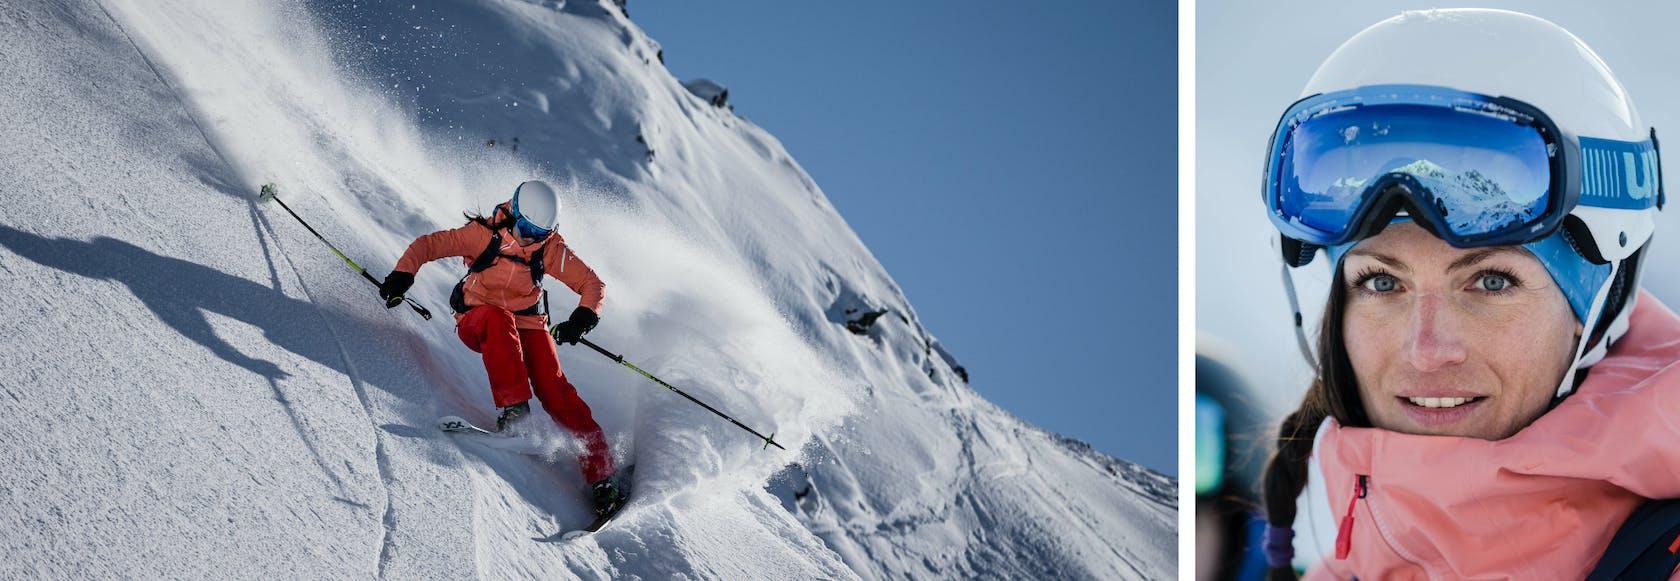 Vaude Skitourenbekleidung Damen